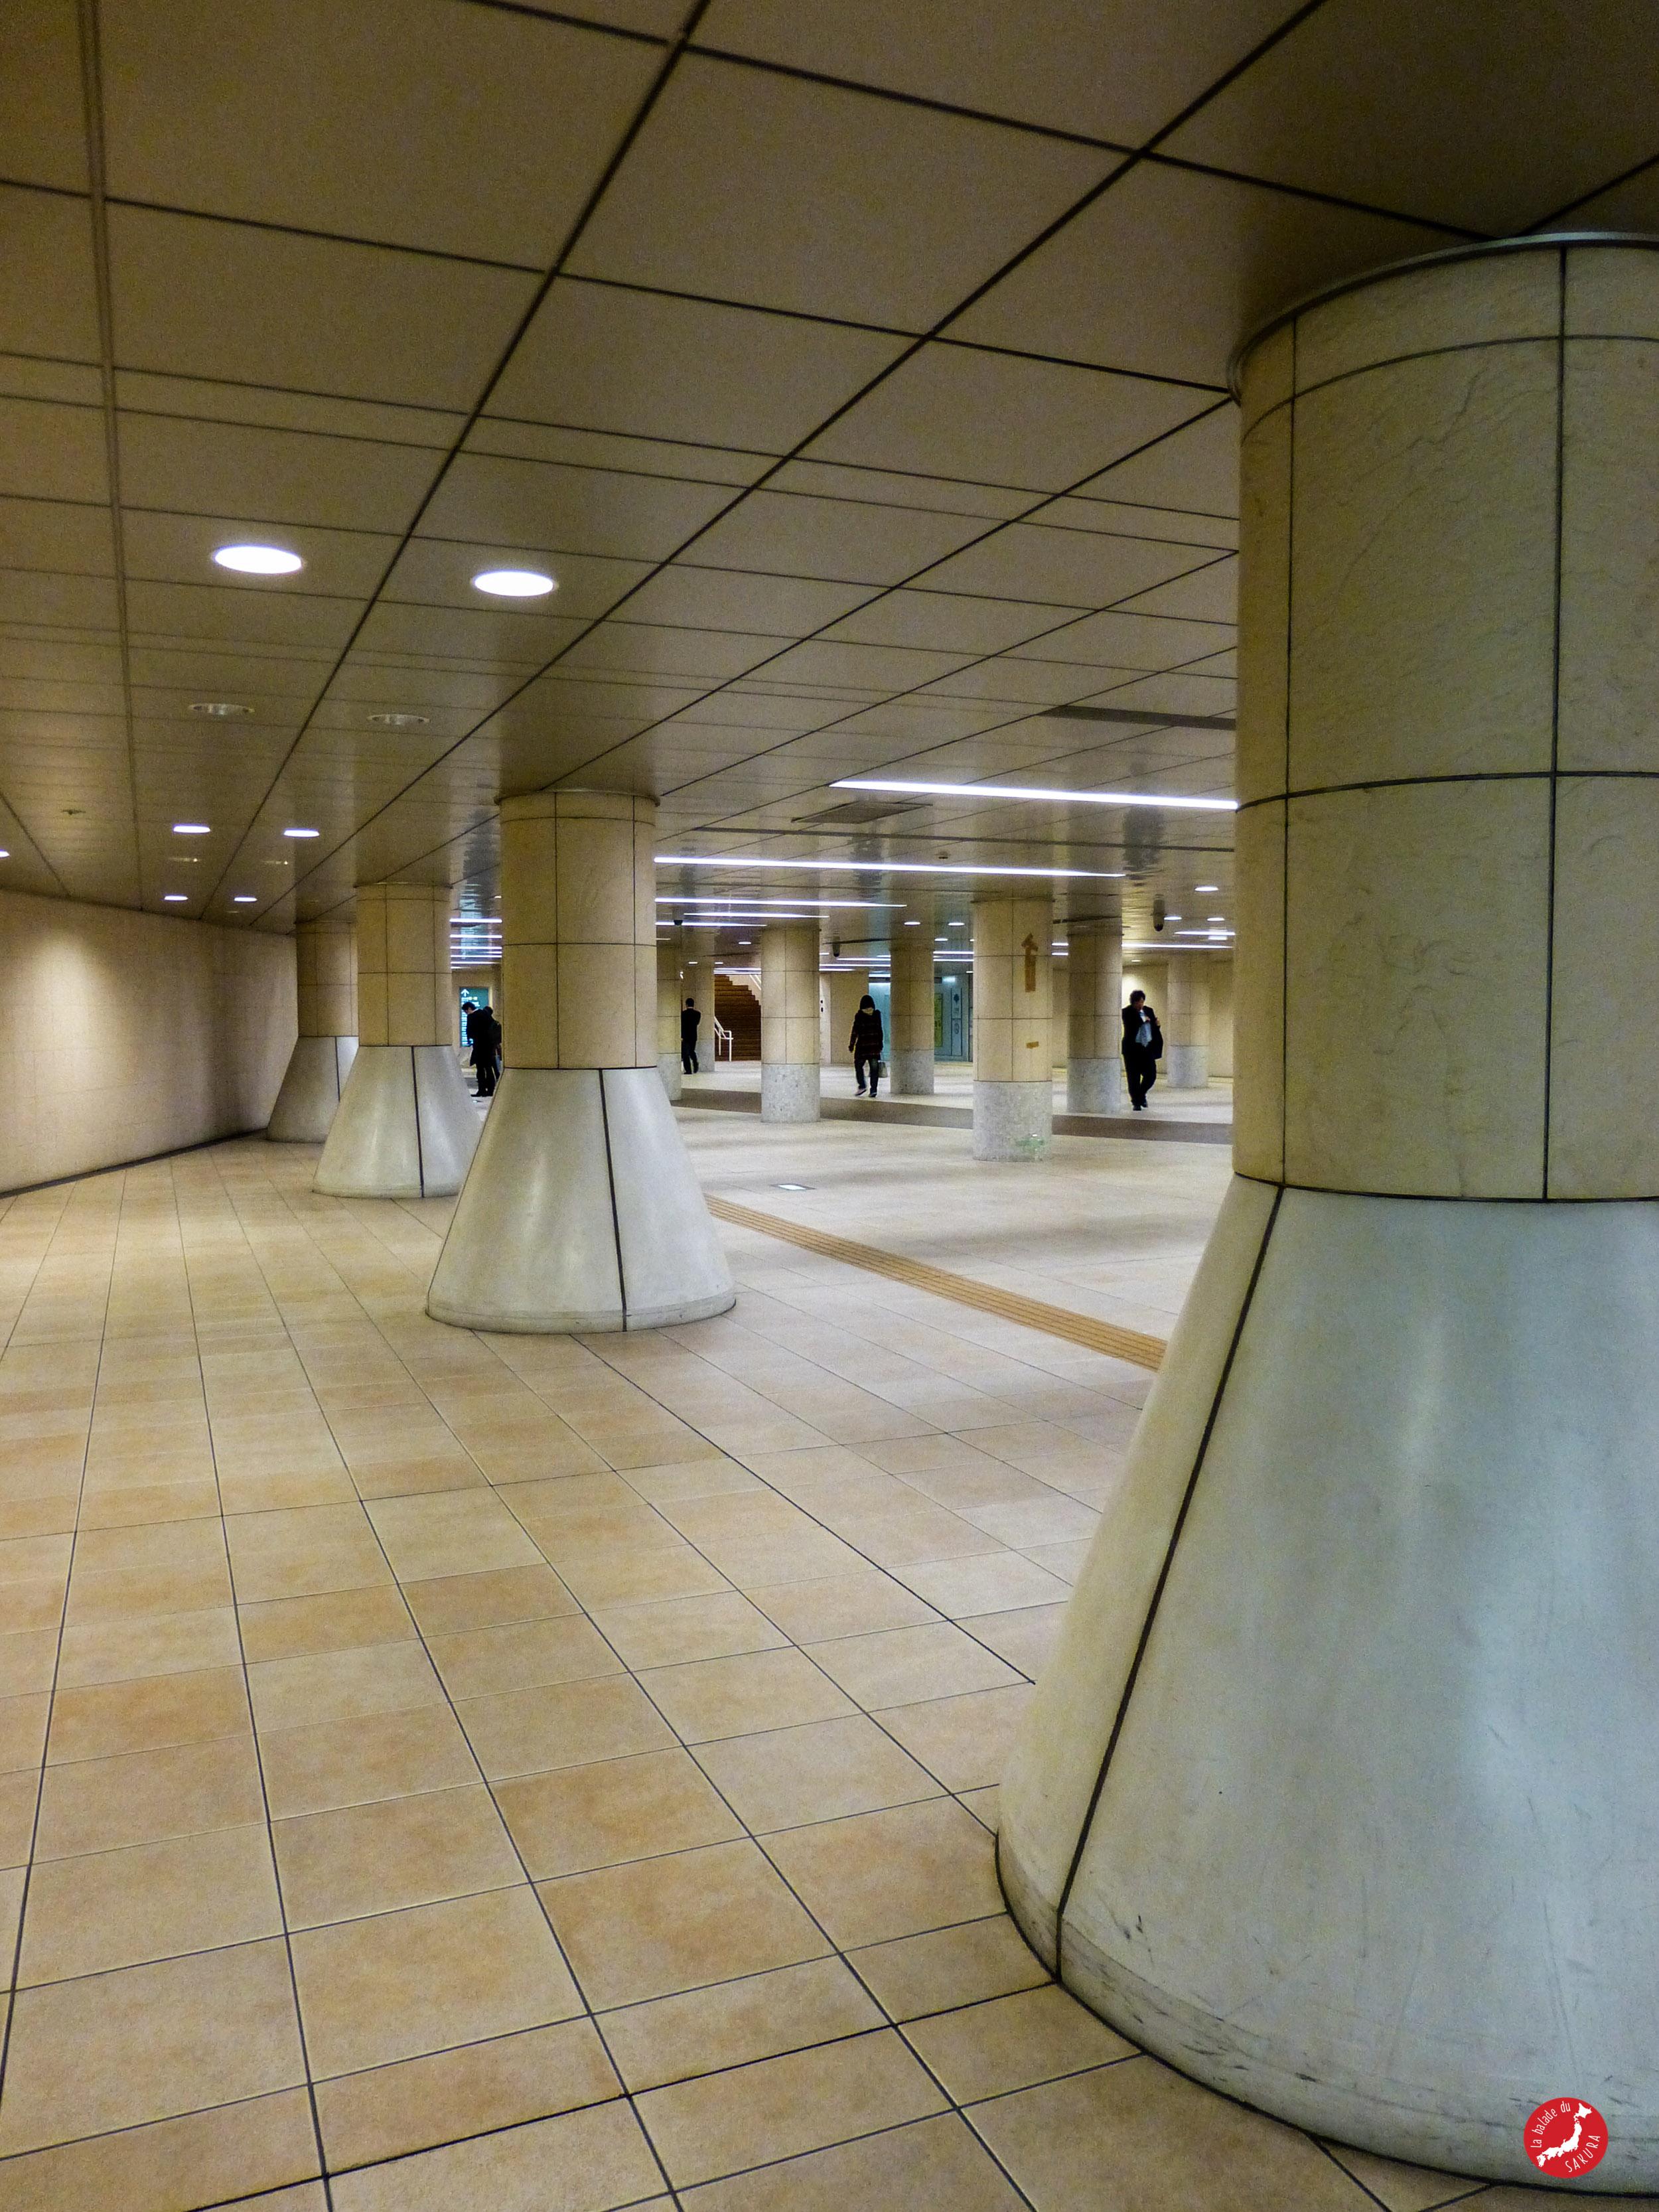 bds__metro_de_tokyo1